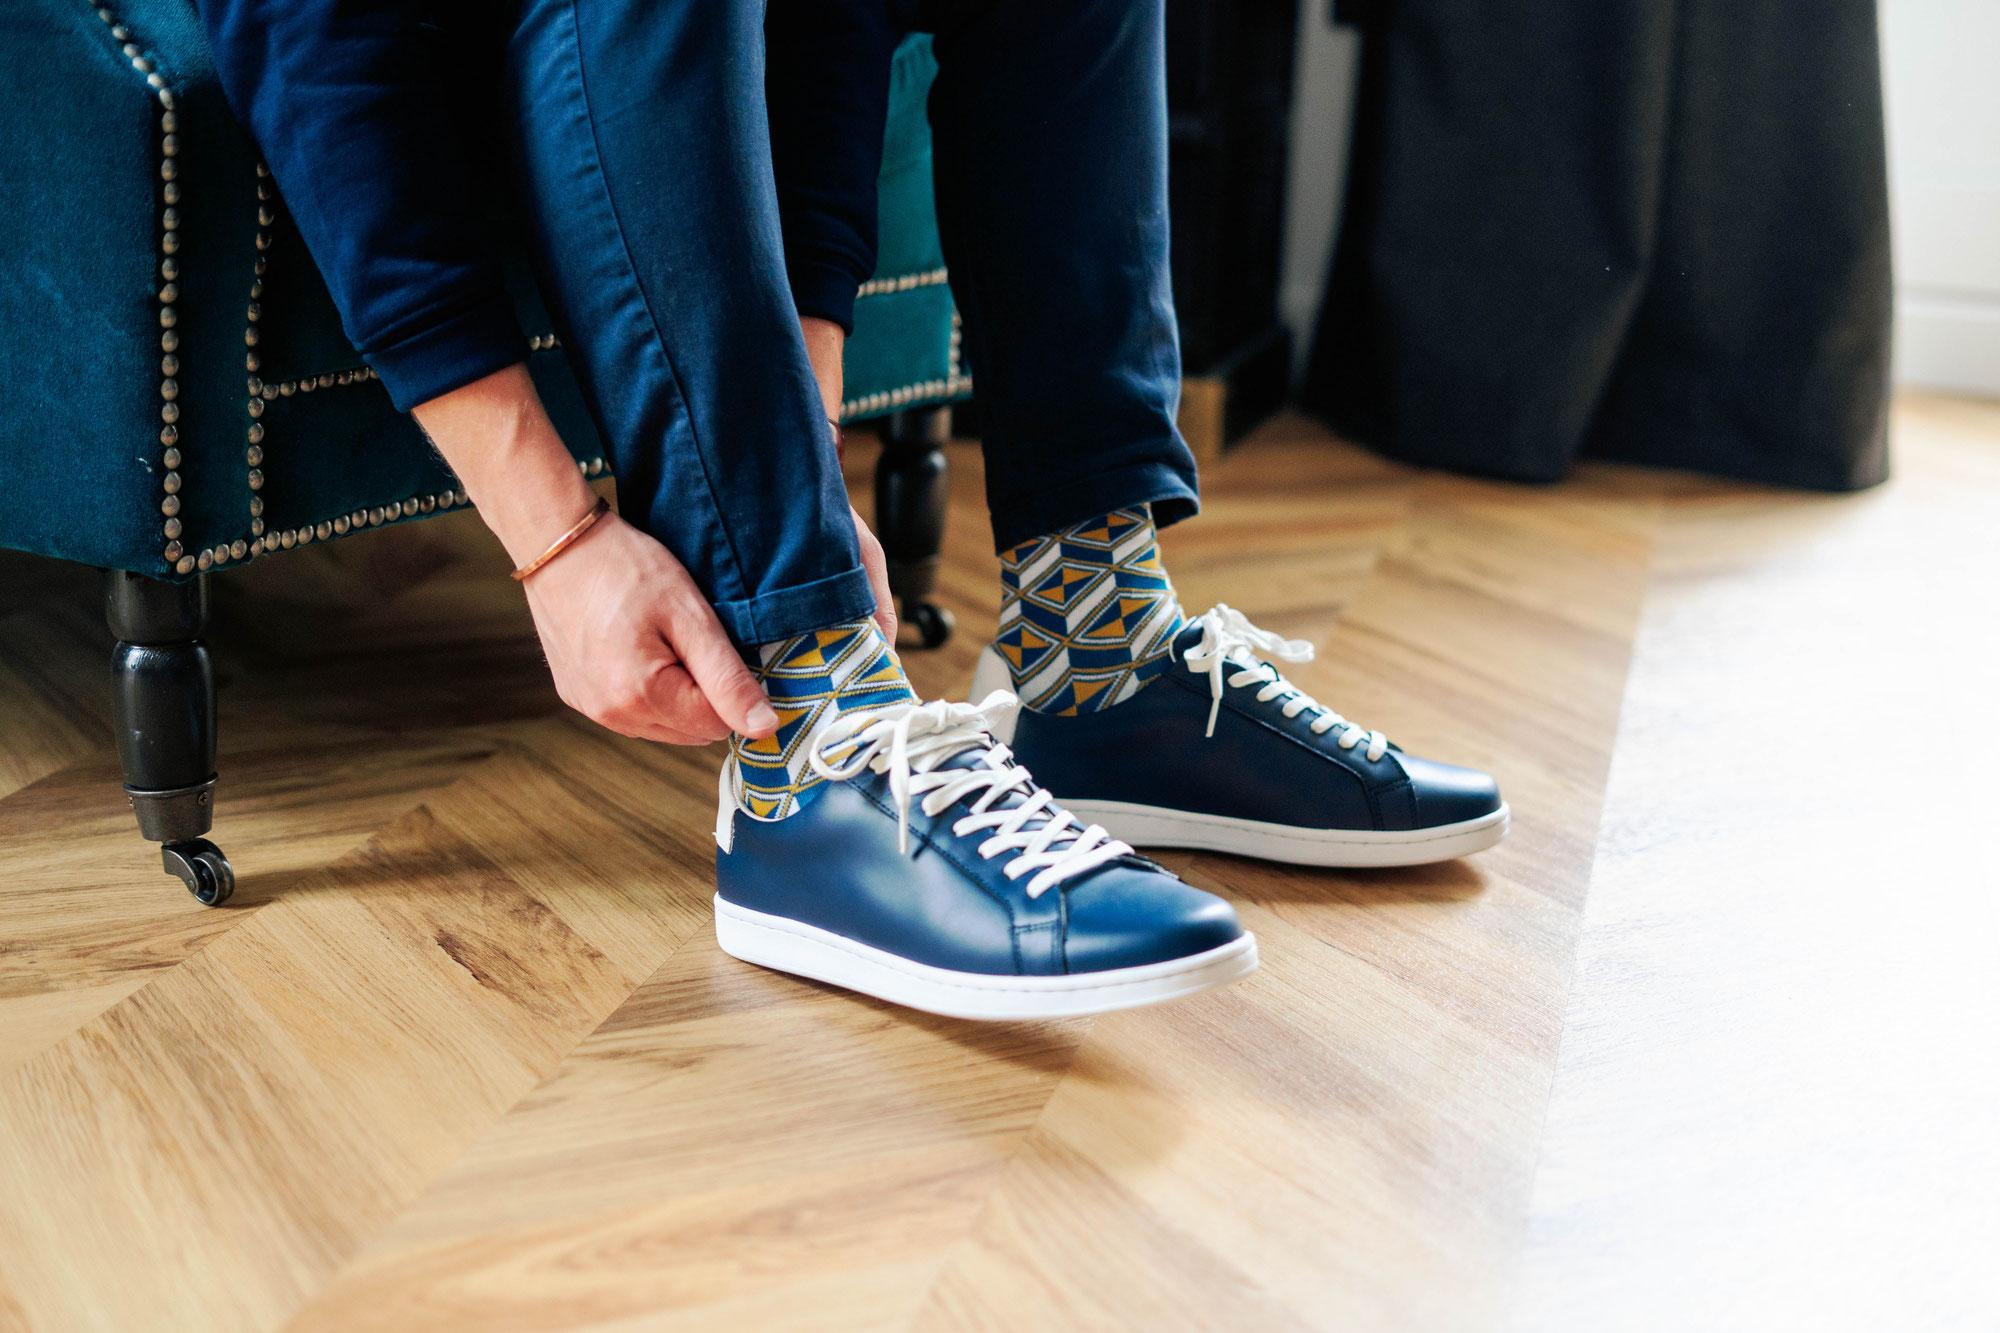 Les chaussettes Eirene